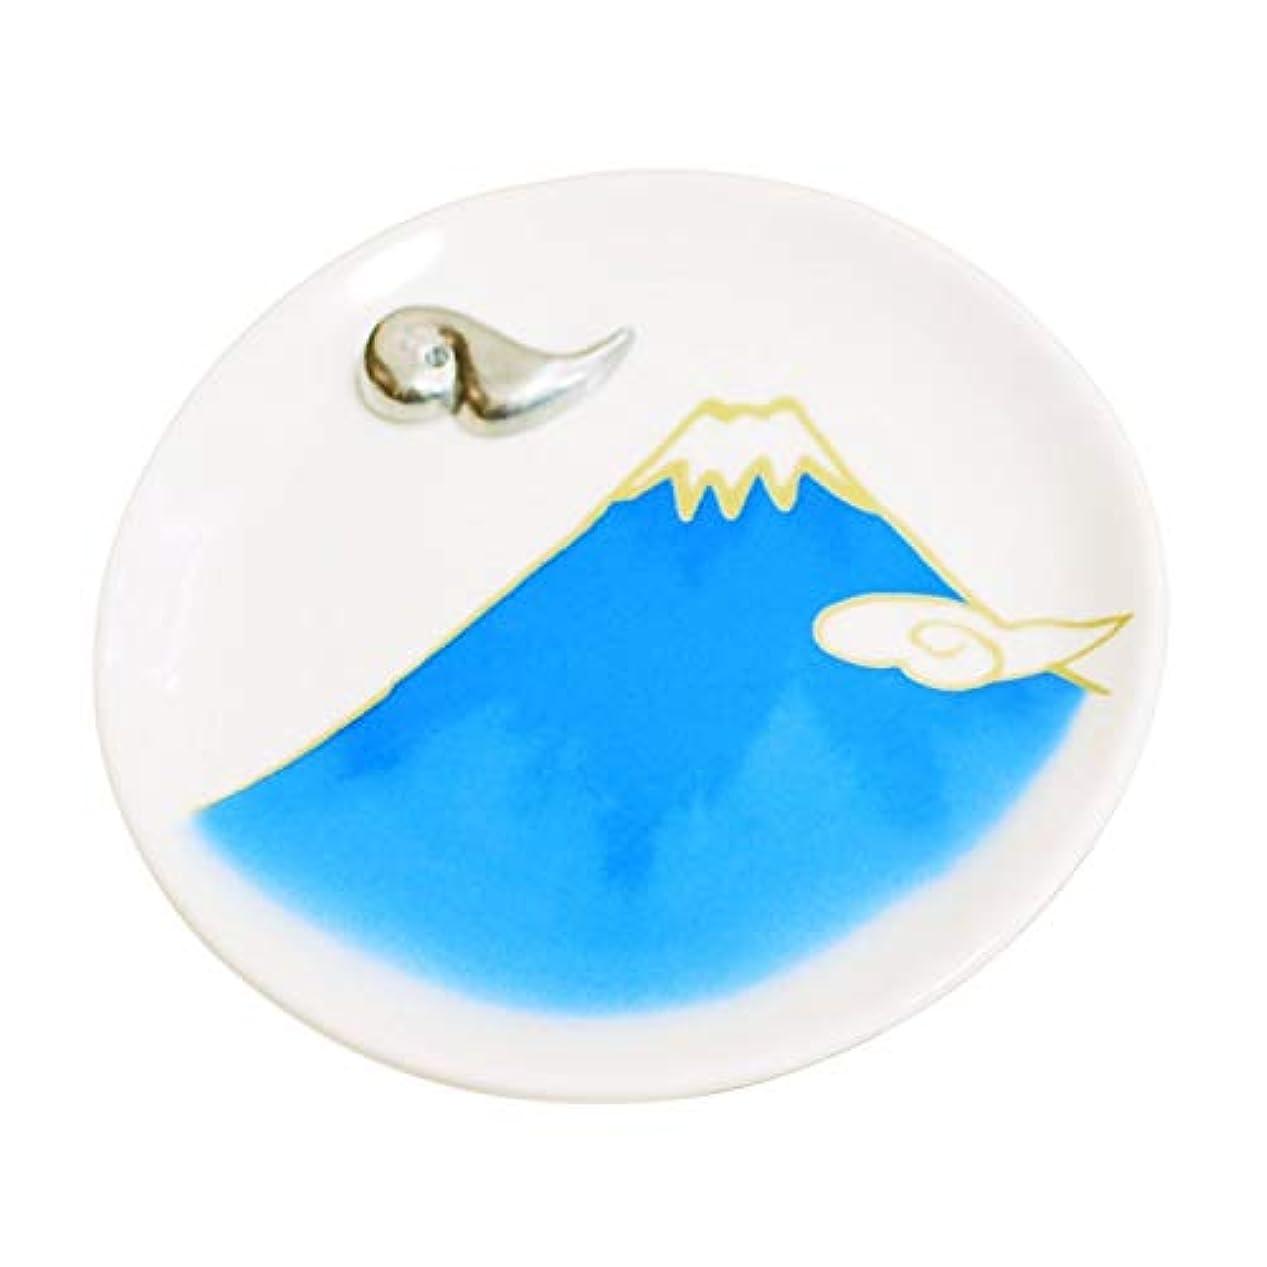 衝撃政府怠惰香皿 富士山 ブルー 雲型香立て付 青富士 香立 お線香立て Cセット